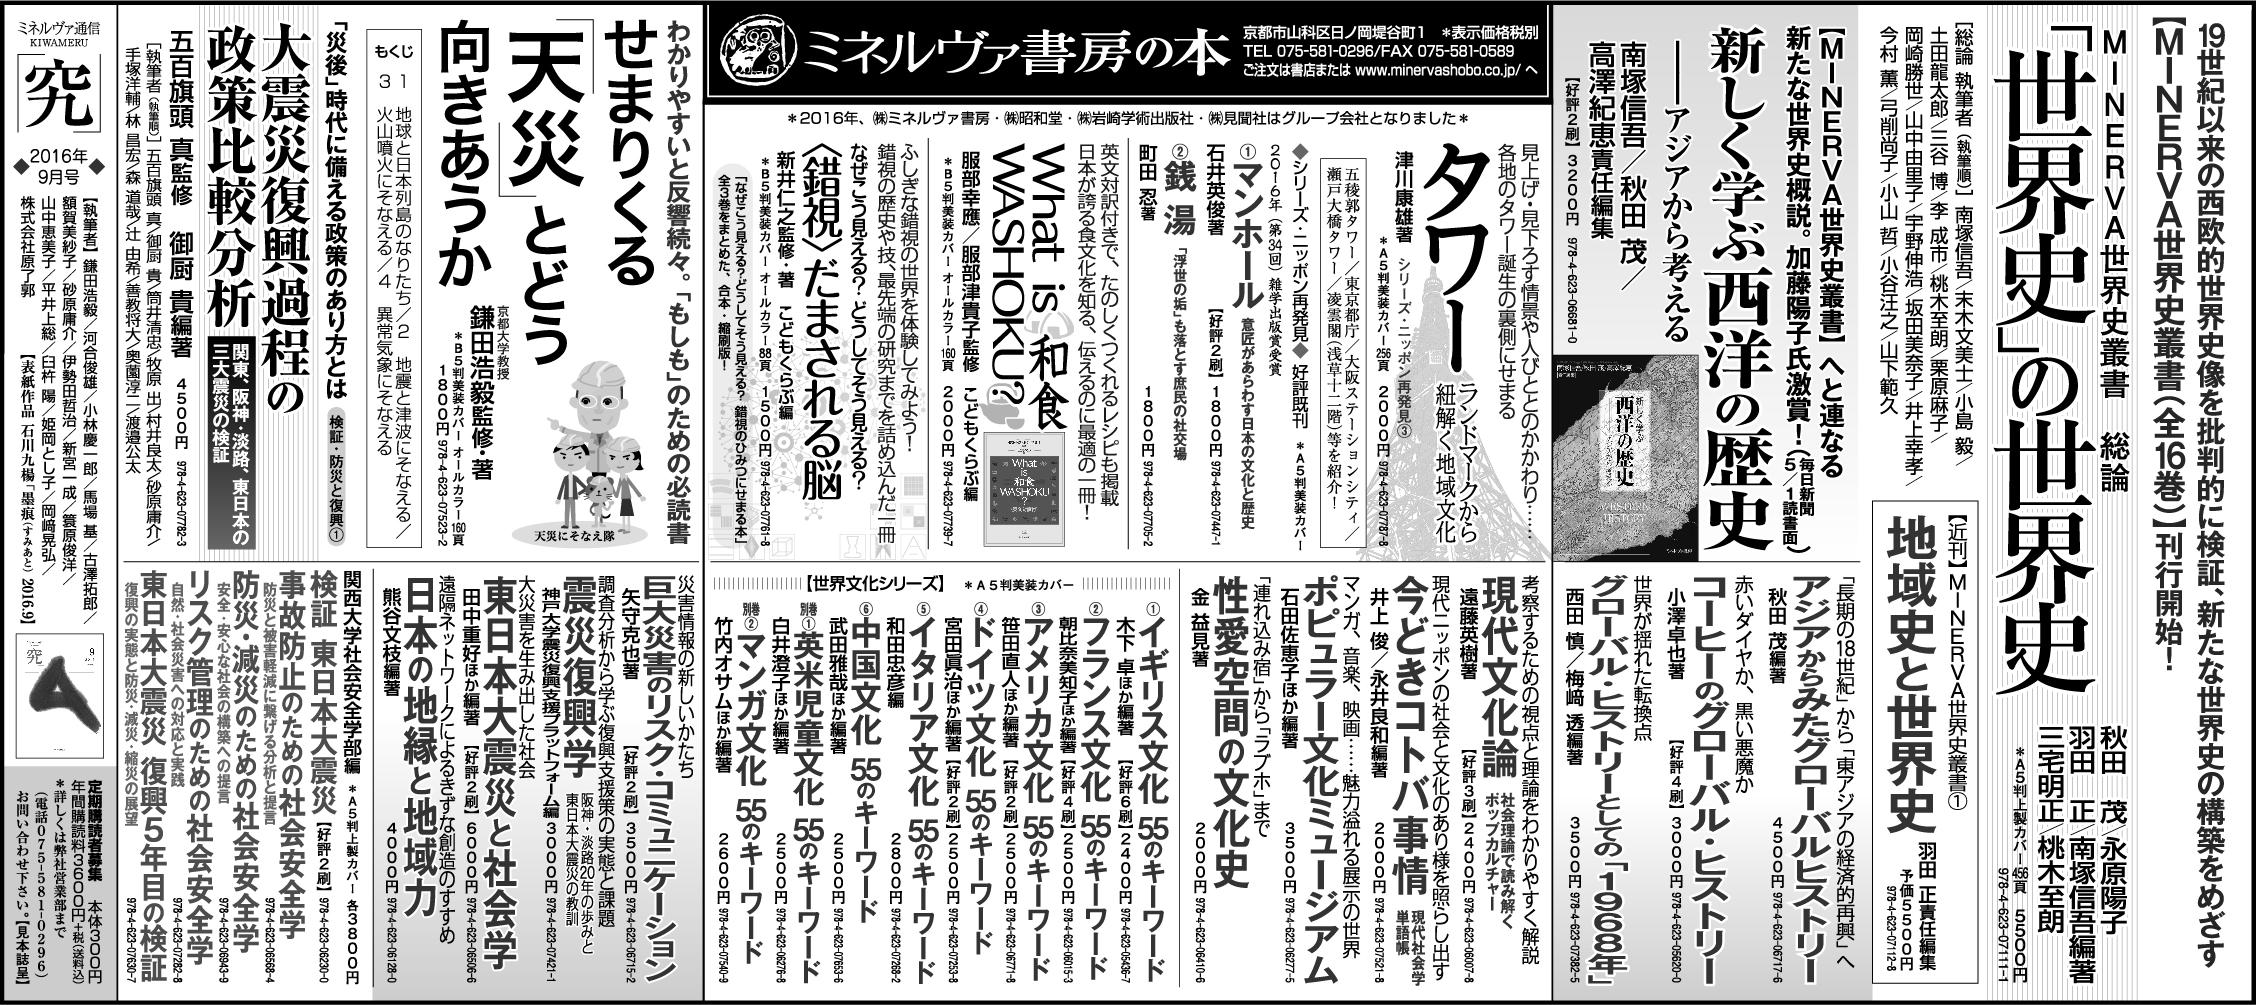 朝日新聞2016年9月11日(読書面)全5段広告